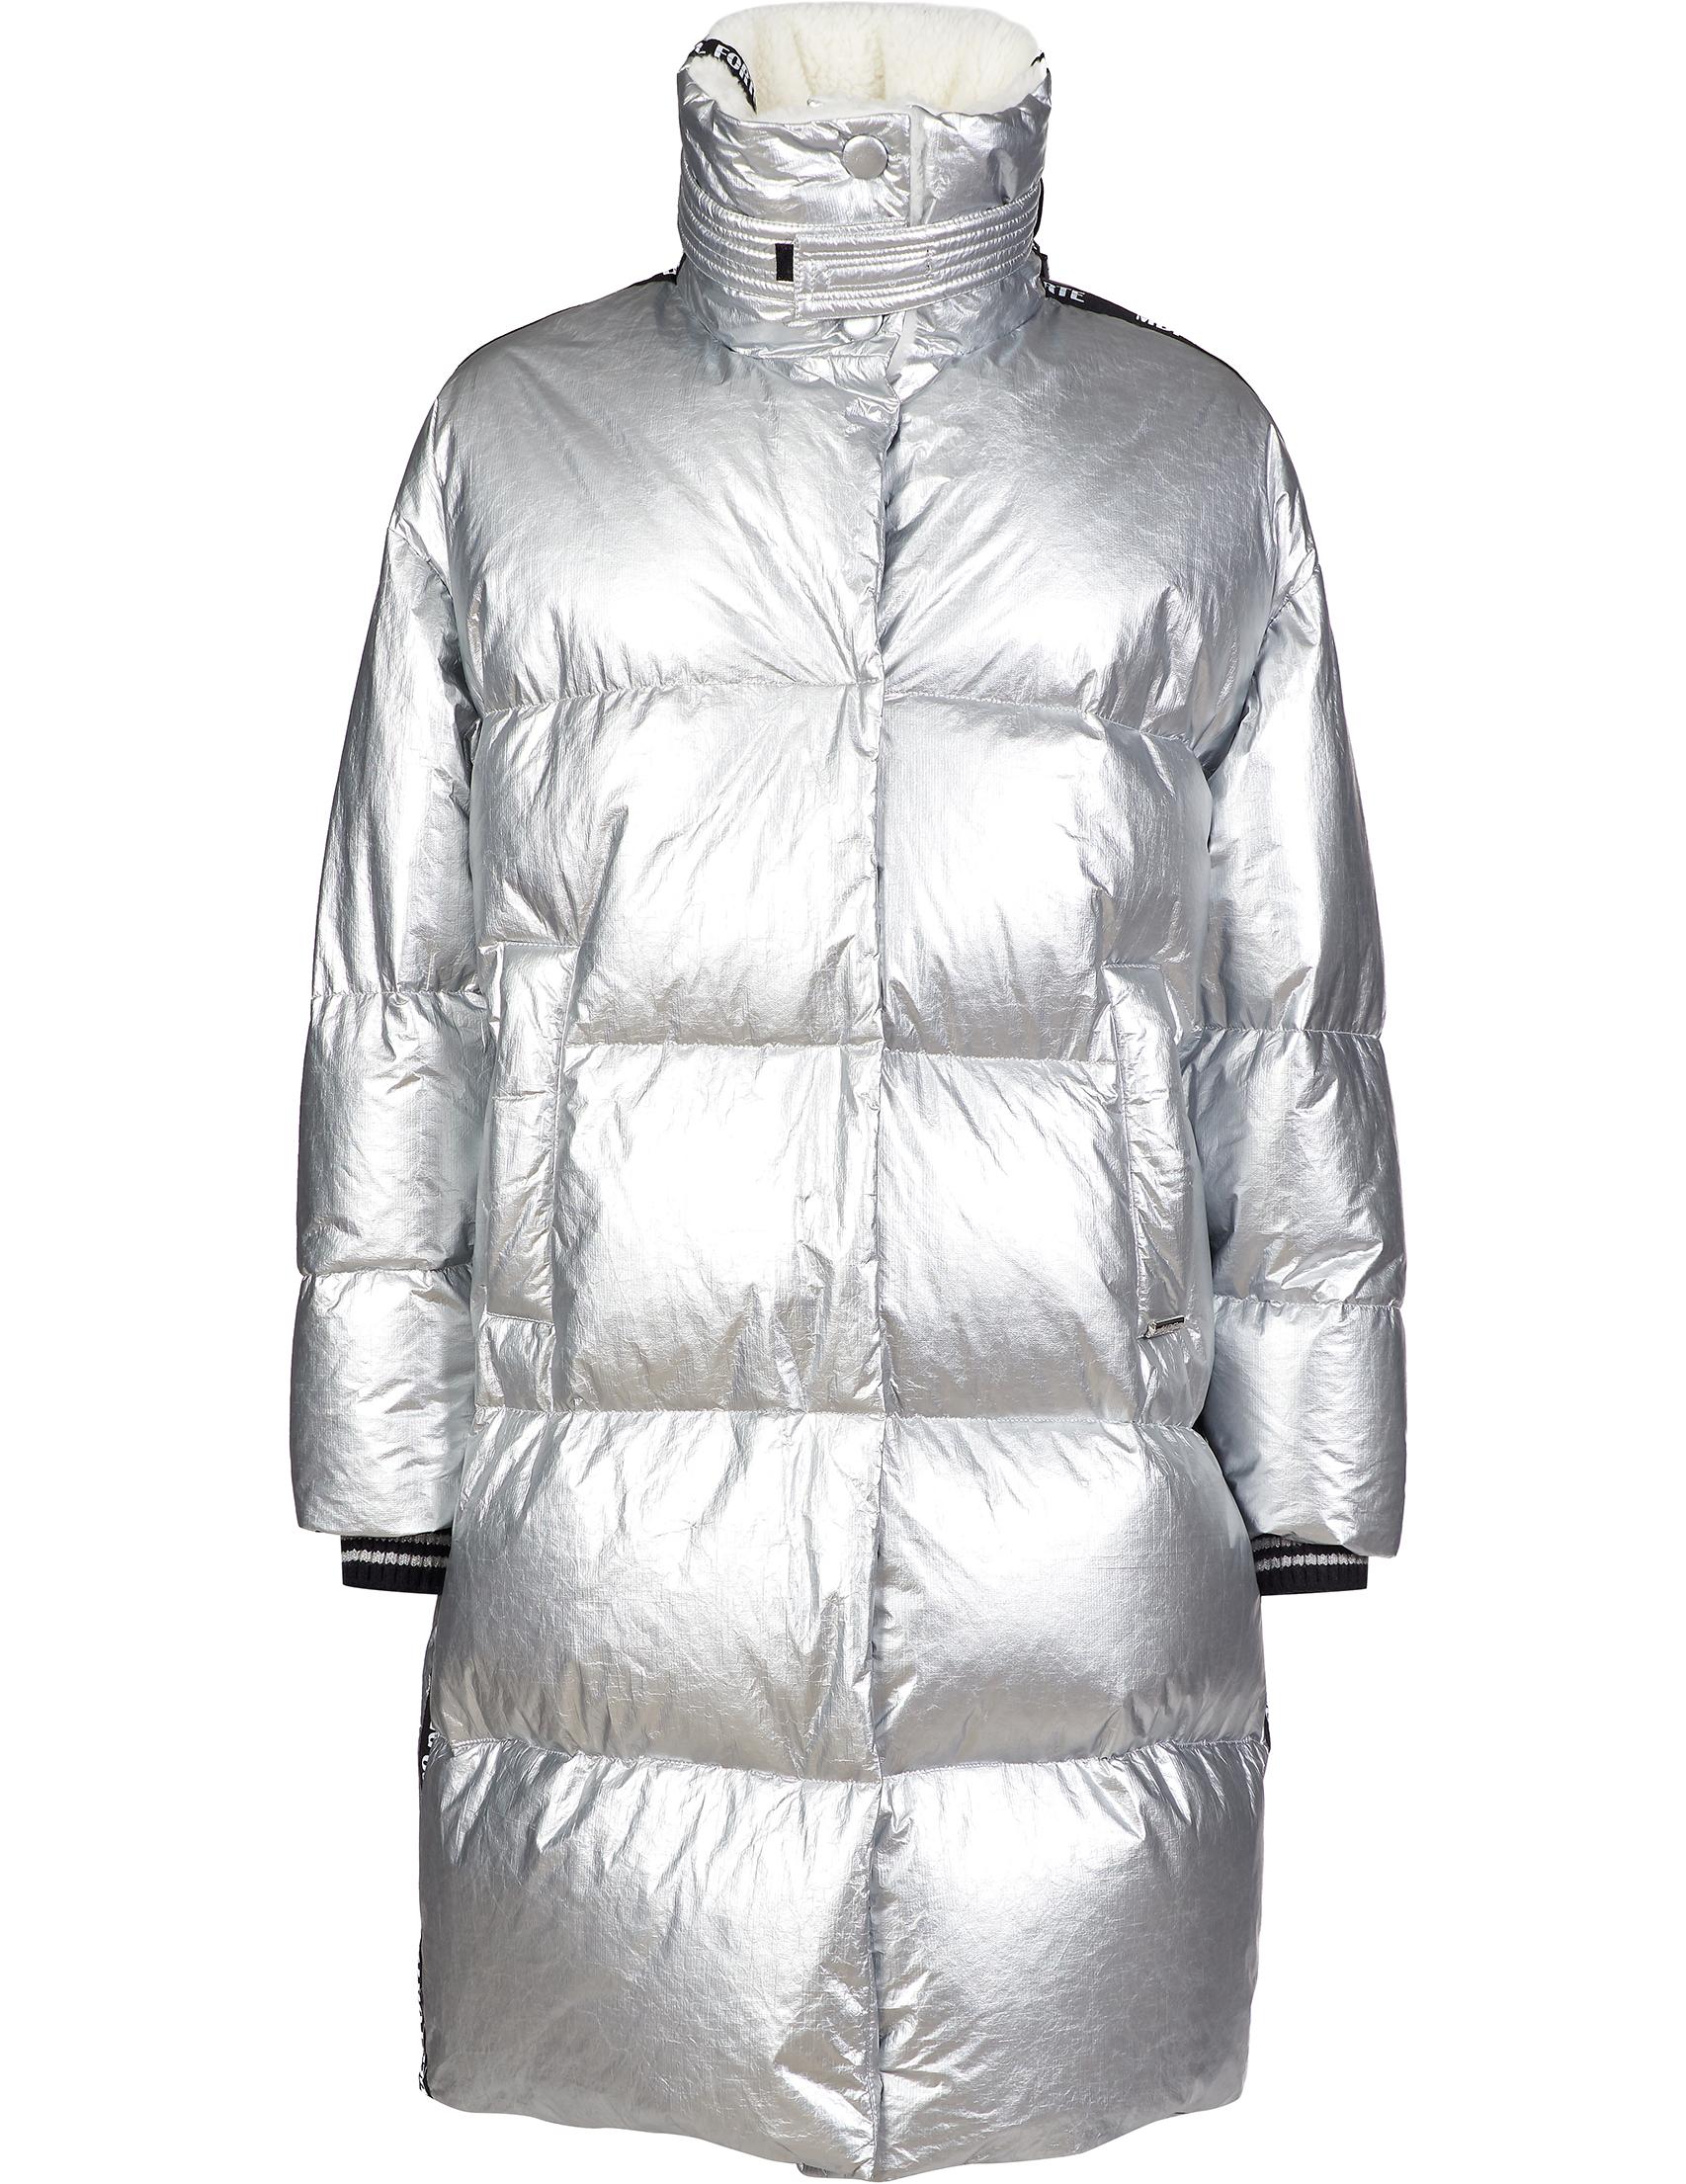 Купить Куртки, Куртка, MARCO DEL FORTE, Серебряный, 100%Полиэтиленовое волокно;100%Полиэстер;80%Модифицированный акрил 20%Полиэстер, Осень-Зима